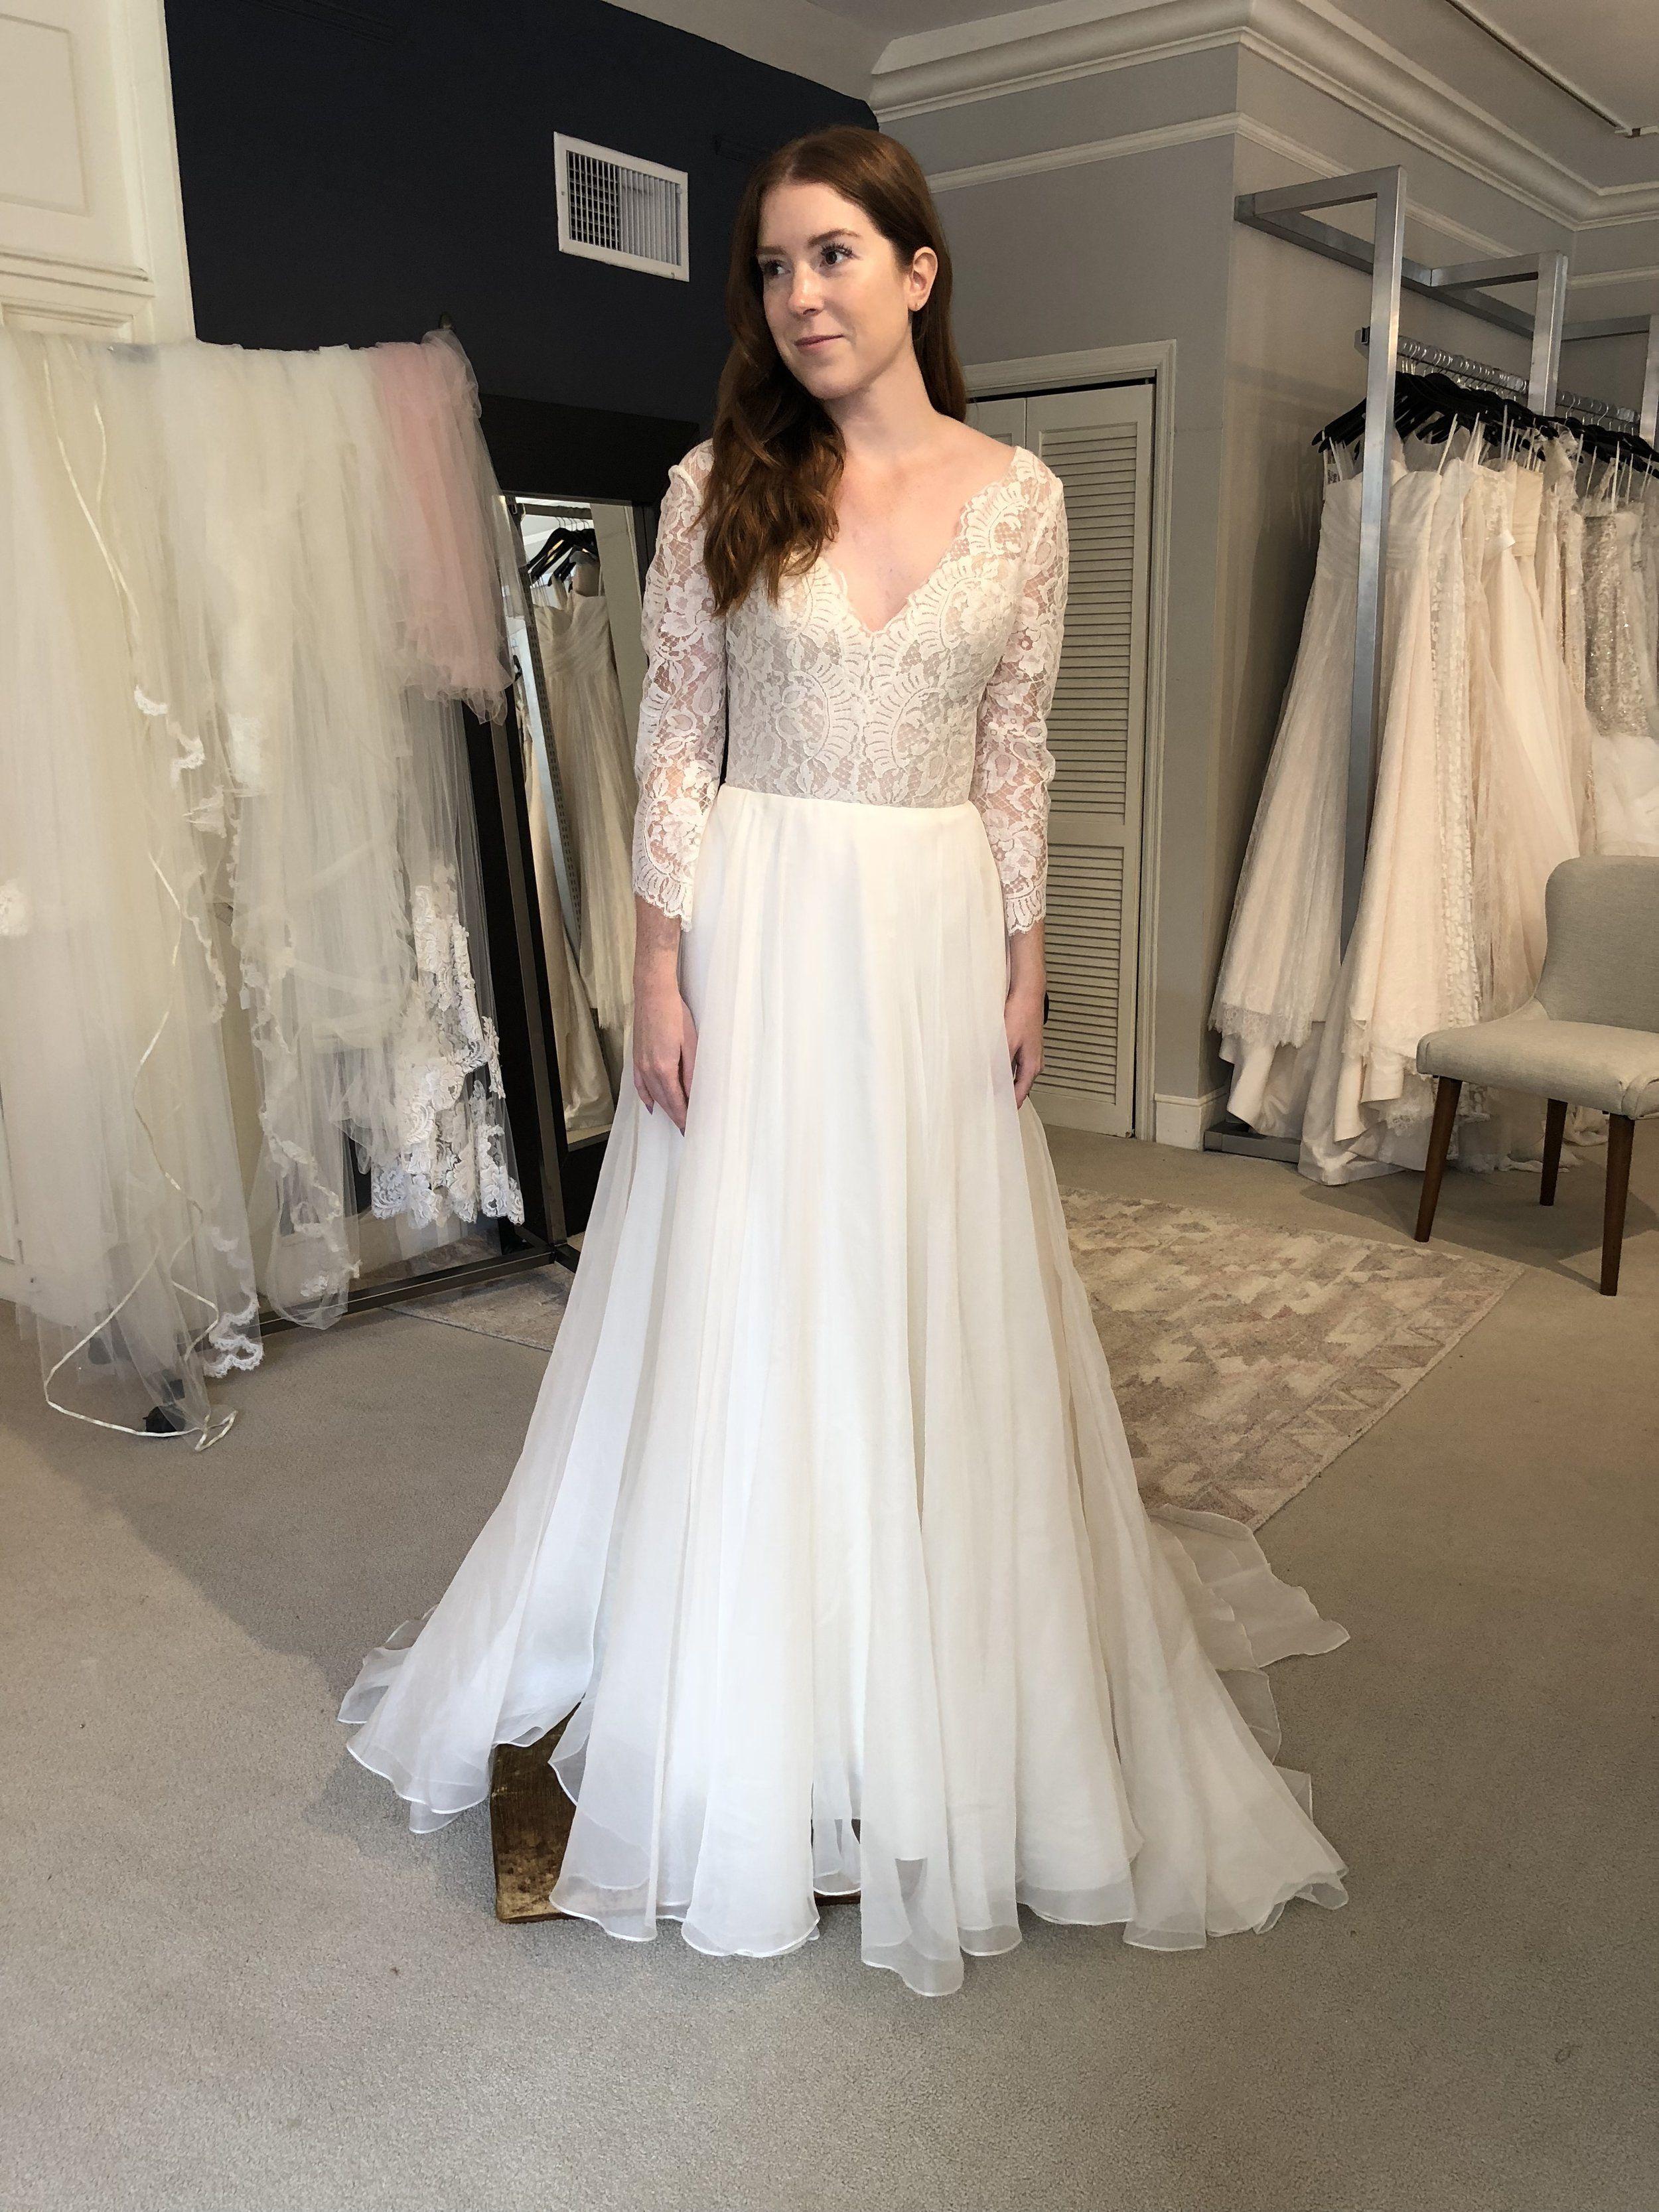 d104a5c5cf16e4 Wedding Dresses Off The Rack Atlanta